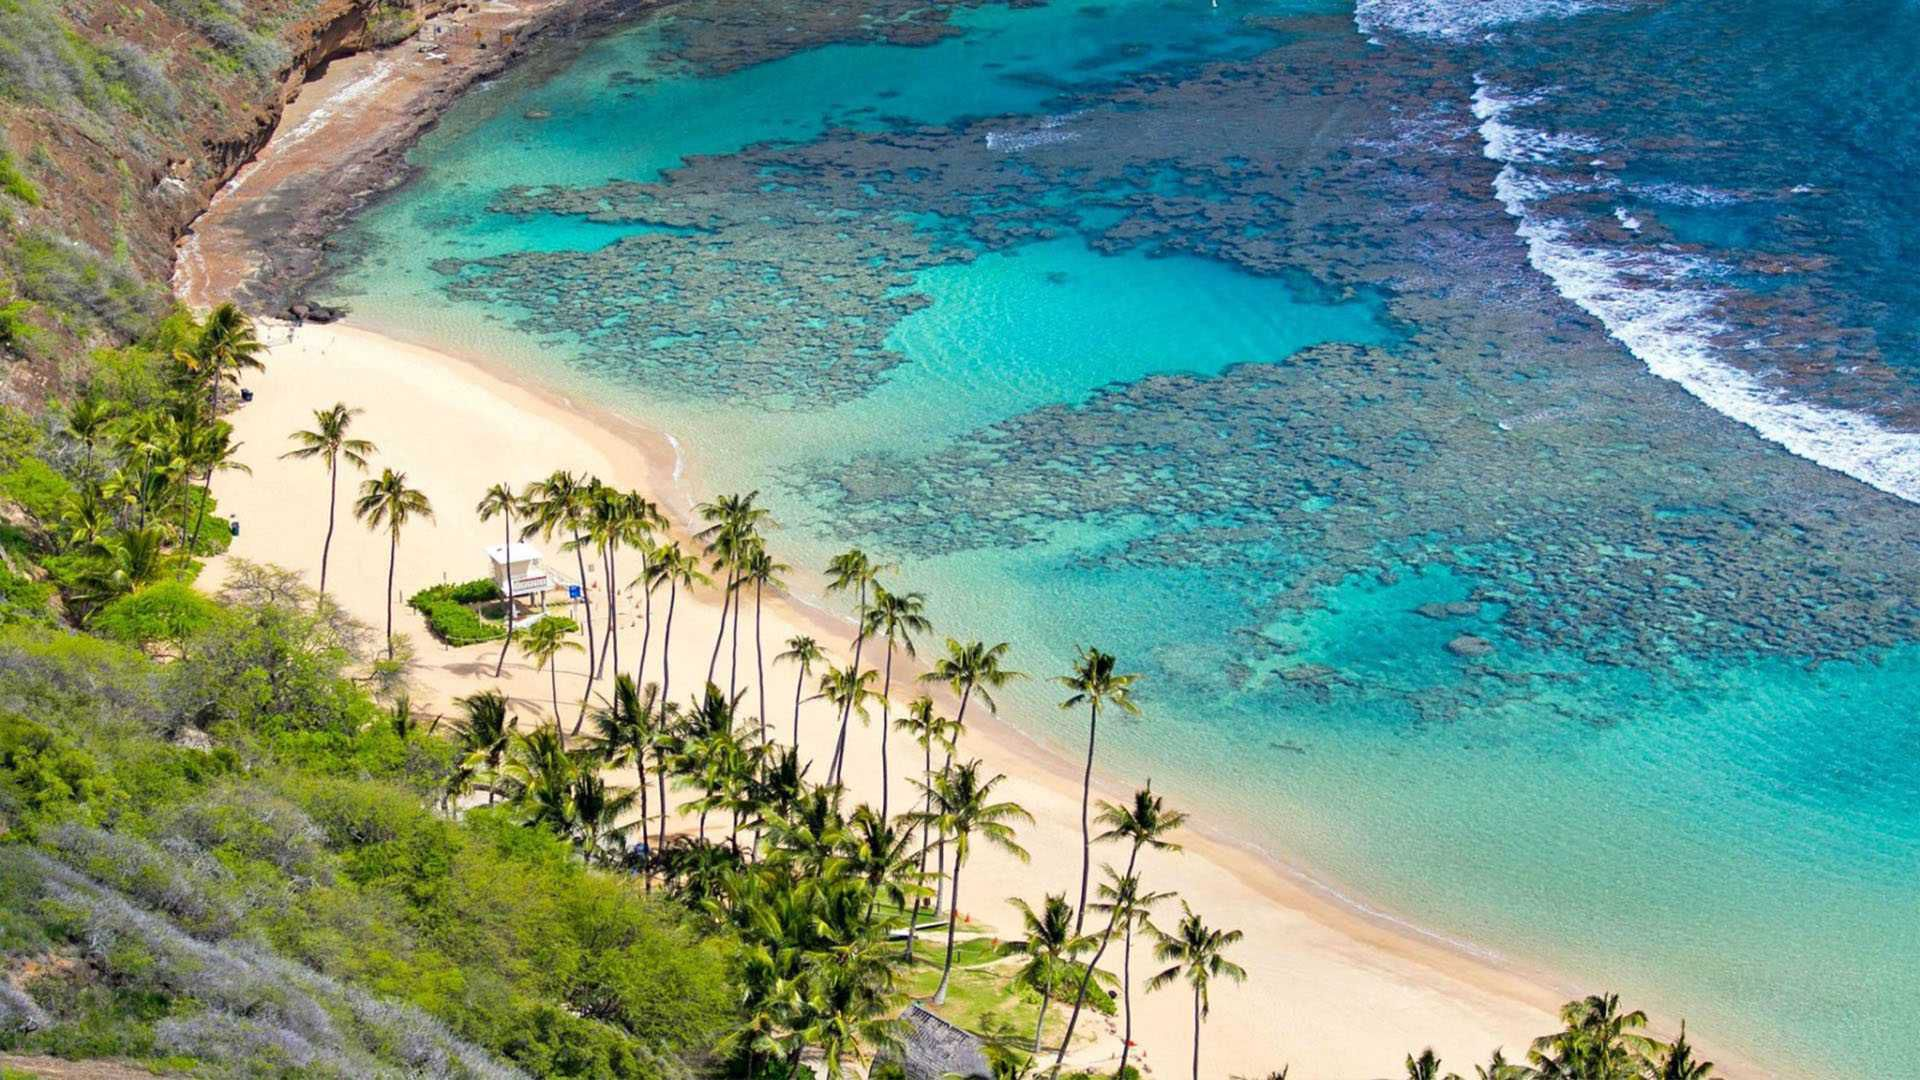 Cù lao Chàm nước trong xanh là nơi tuyệt vời để thư giãn trong những ngày hè nóng bức. Ảnh: Internet